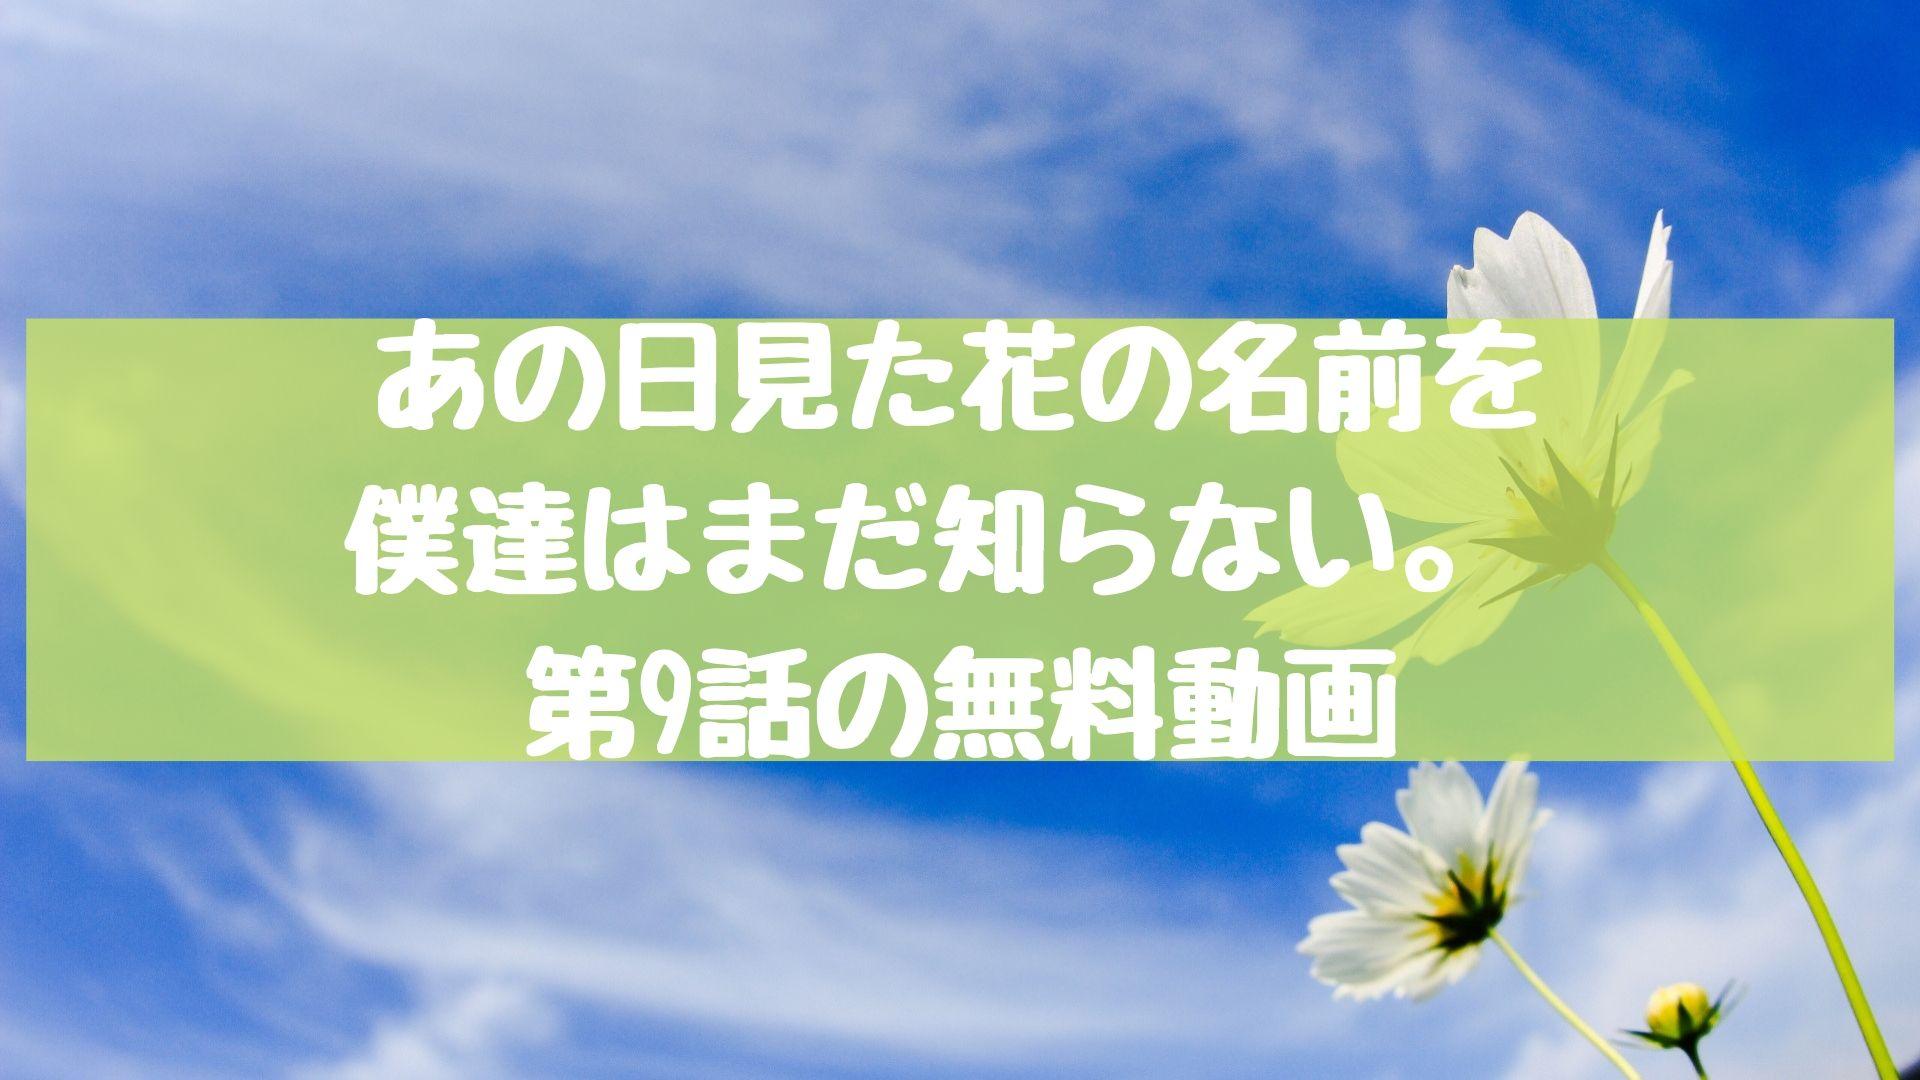 あの日見た花の名前を僕達はまだ知らない。 第9話の無料動画